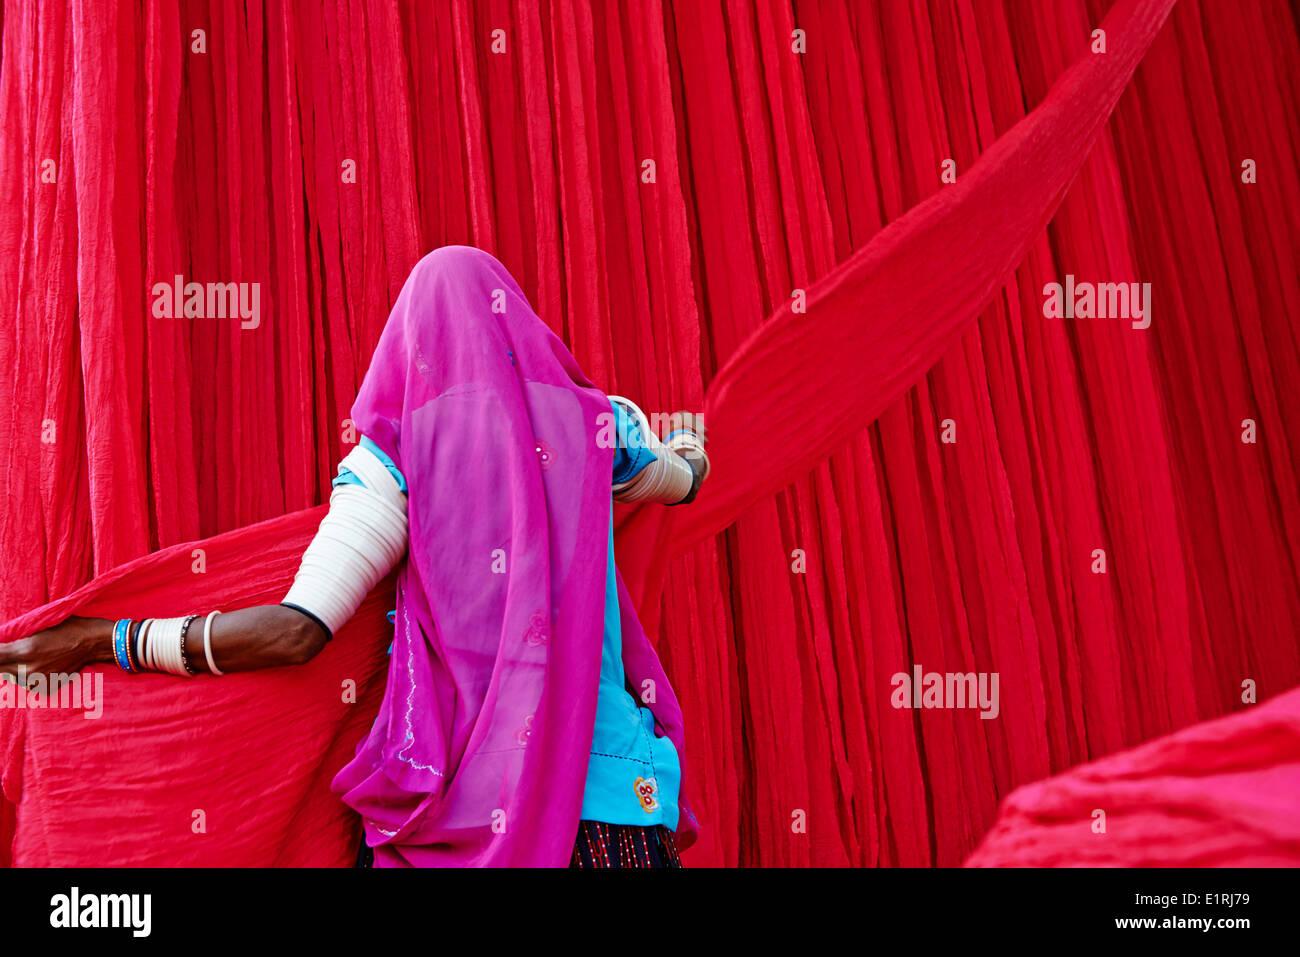 Indien, Rajasthan, Sari Textilfabrik Stockbild